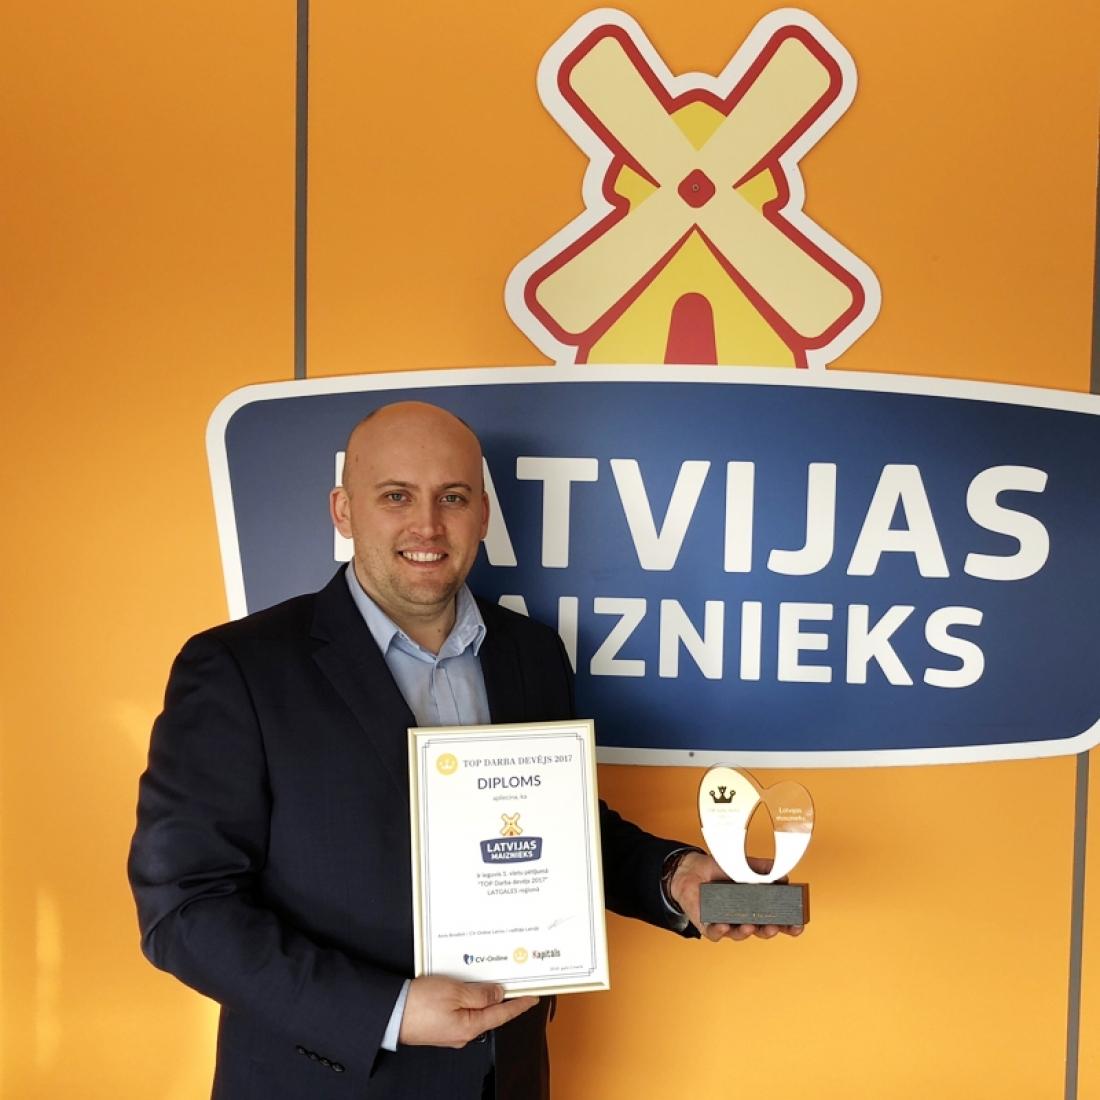 """AS """"LATVIJAS MAIZNIEKS"""" ceturto gadu pēc kārtas atzīts par labāko darba devēju Latgales reģionā"""